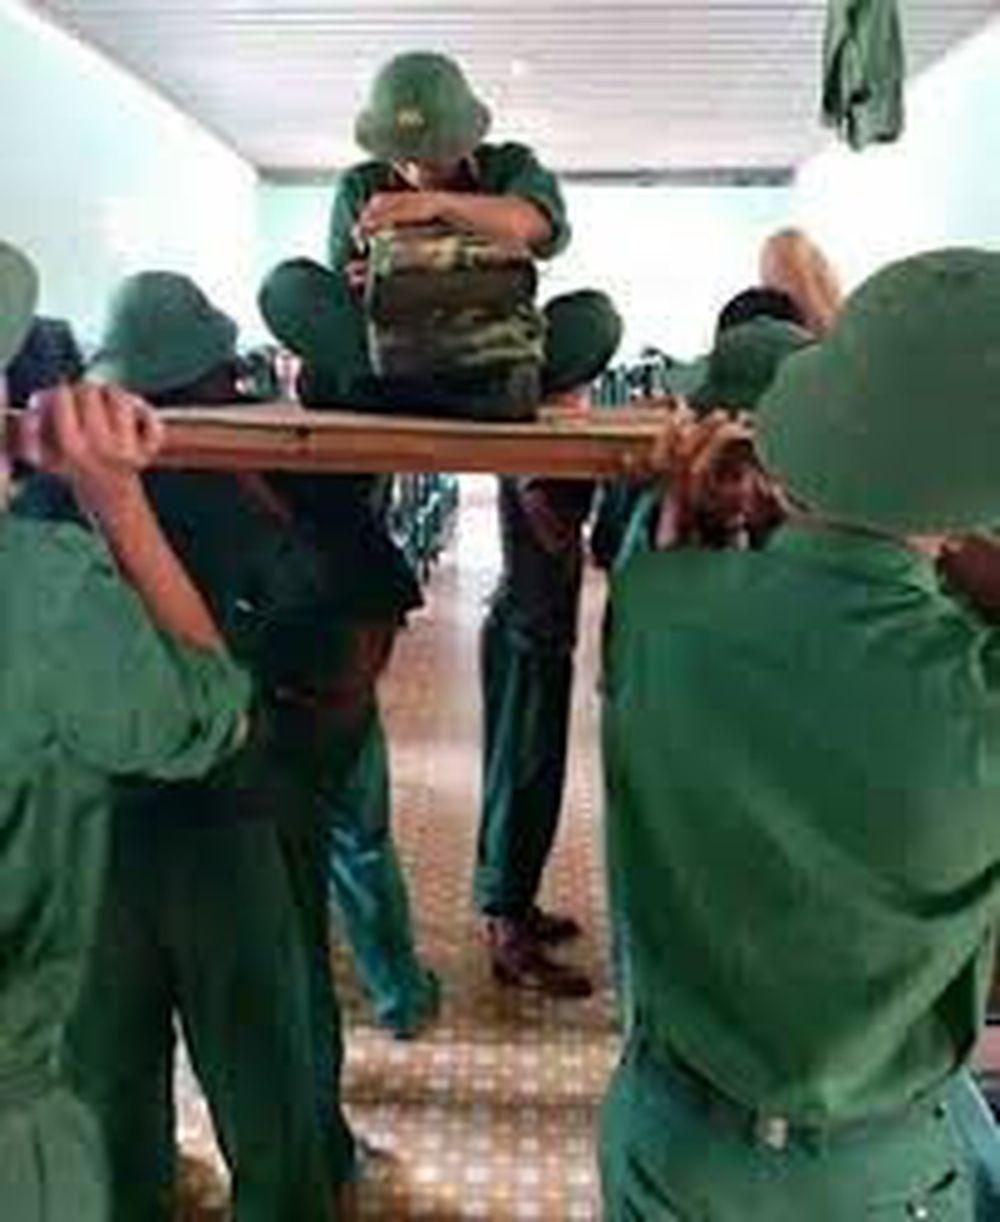 Trong quân đội thì việc quân tư trang ngăn nắp là điều hiển nhiên, việc chăn gối phải gập vuông thành sát cạnh sau khi sử dụng là điều mà bất cứ ...